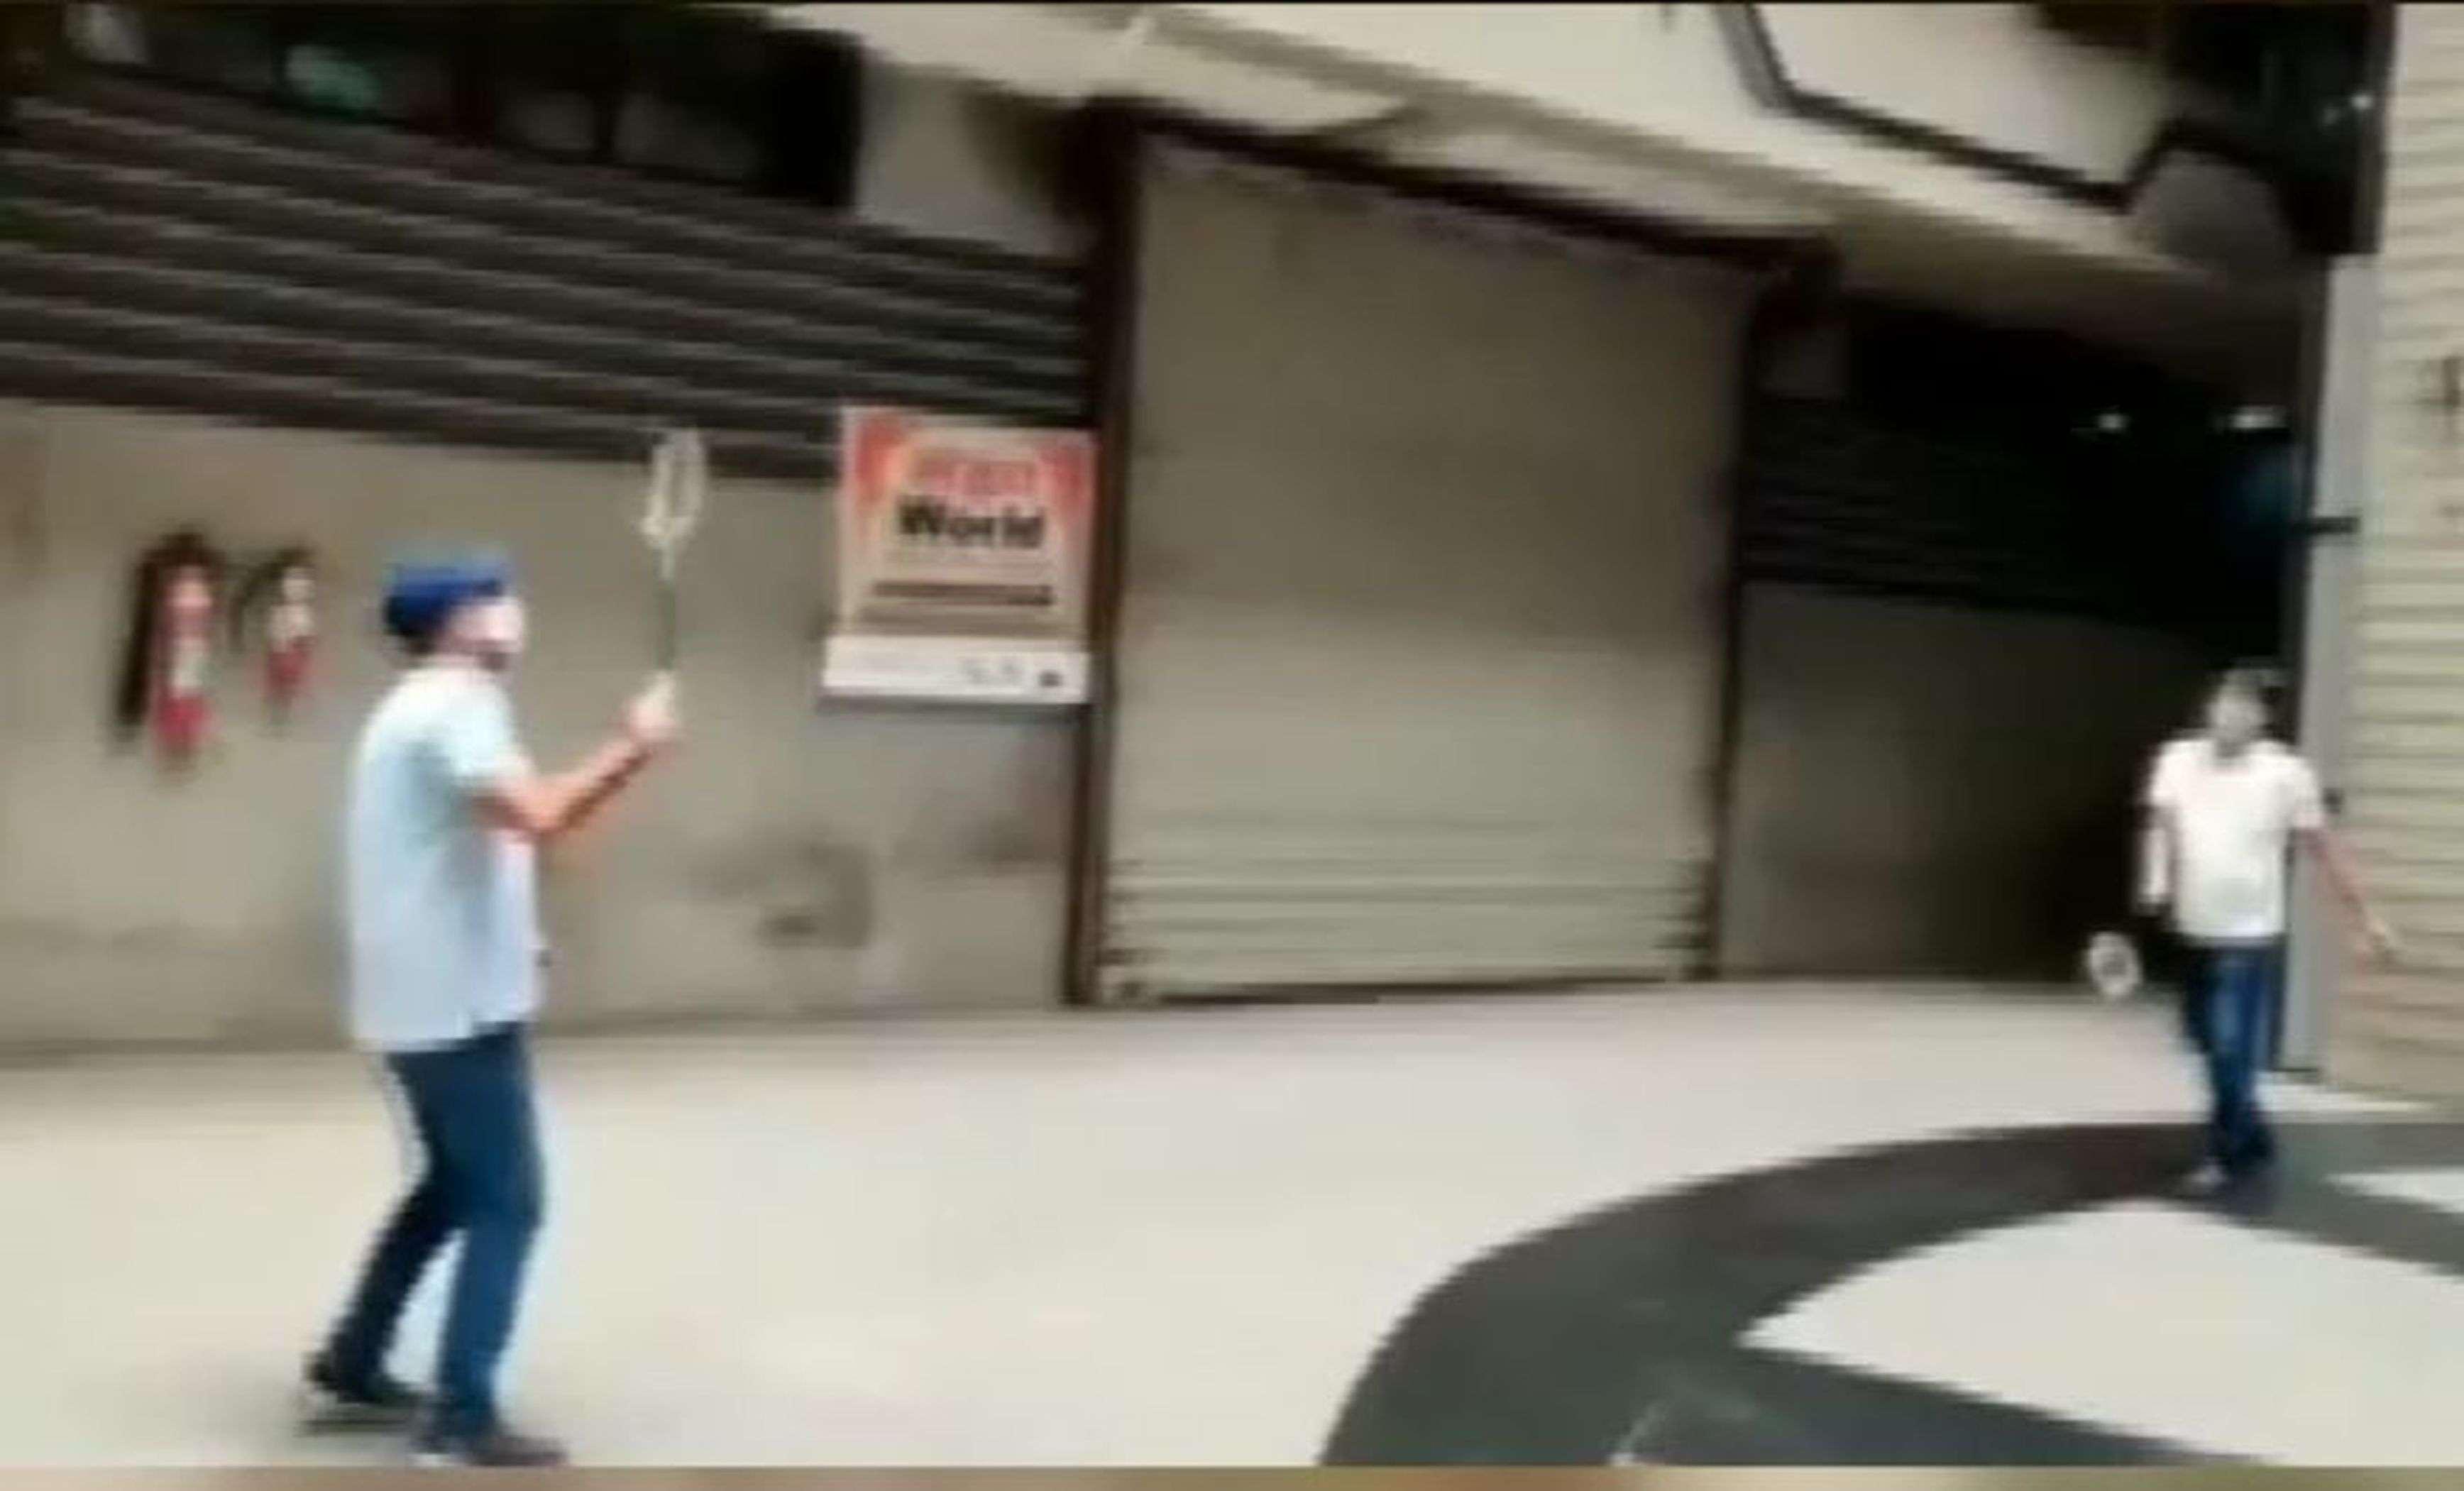 SURAT KAPDA MANDI: मार्केट प्रांगण में खेल रहे हैं बेडमिंटन और क्रिकेट